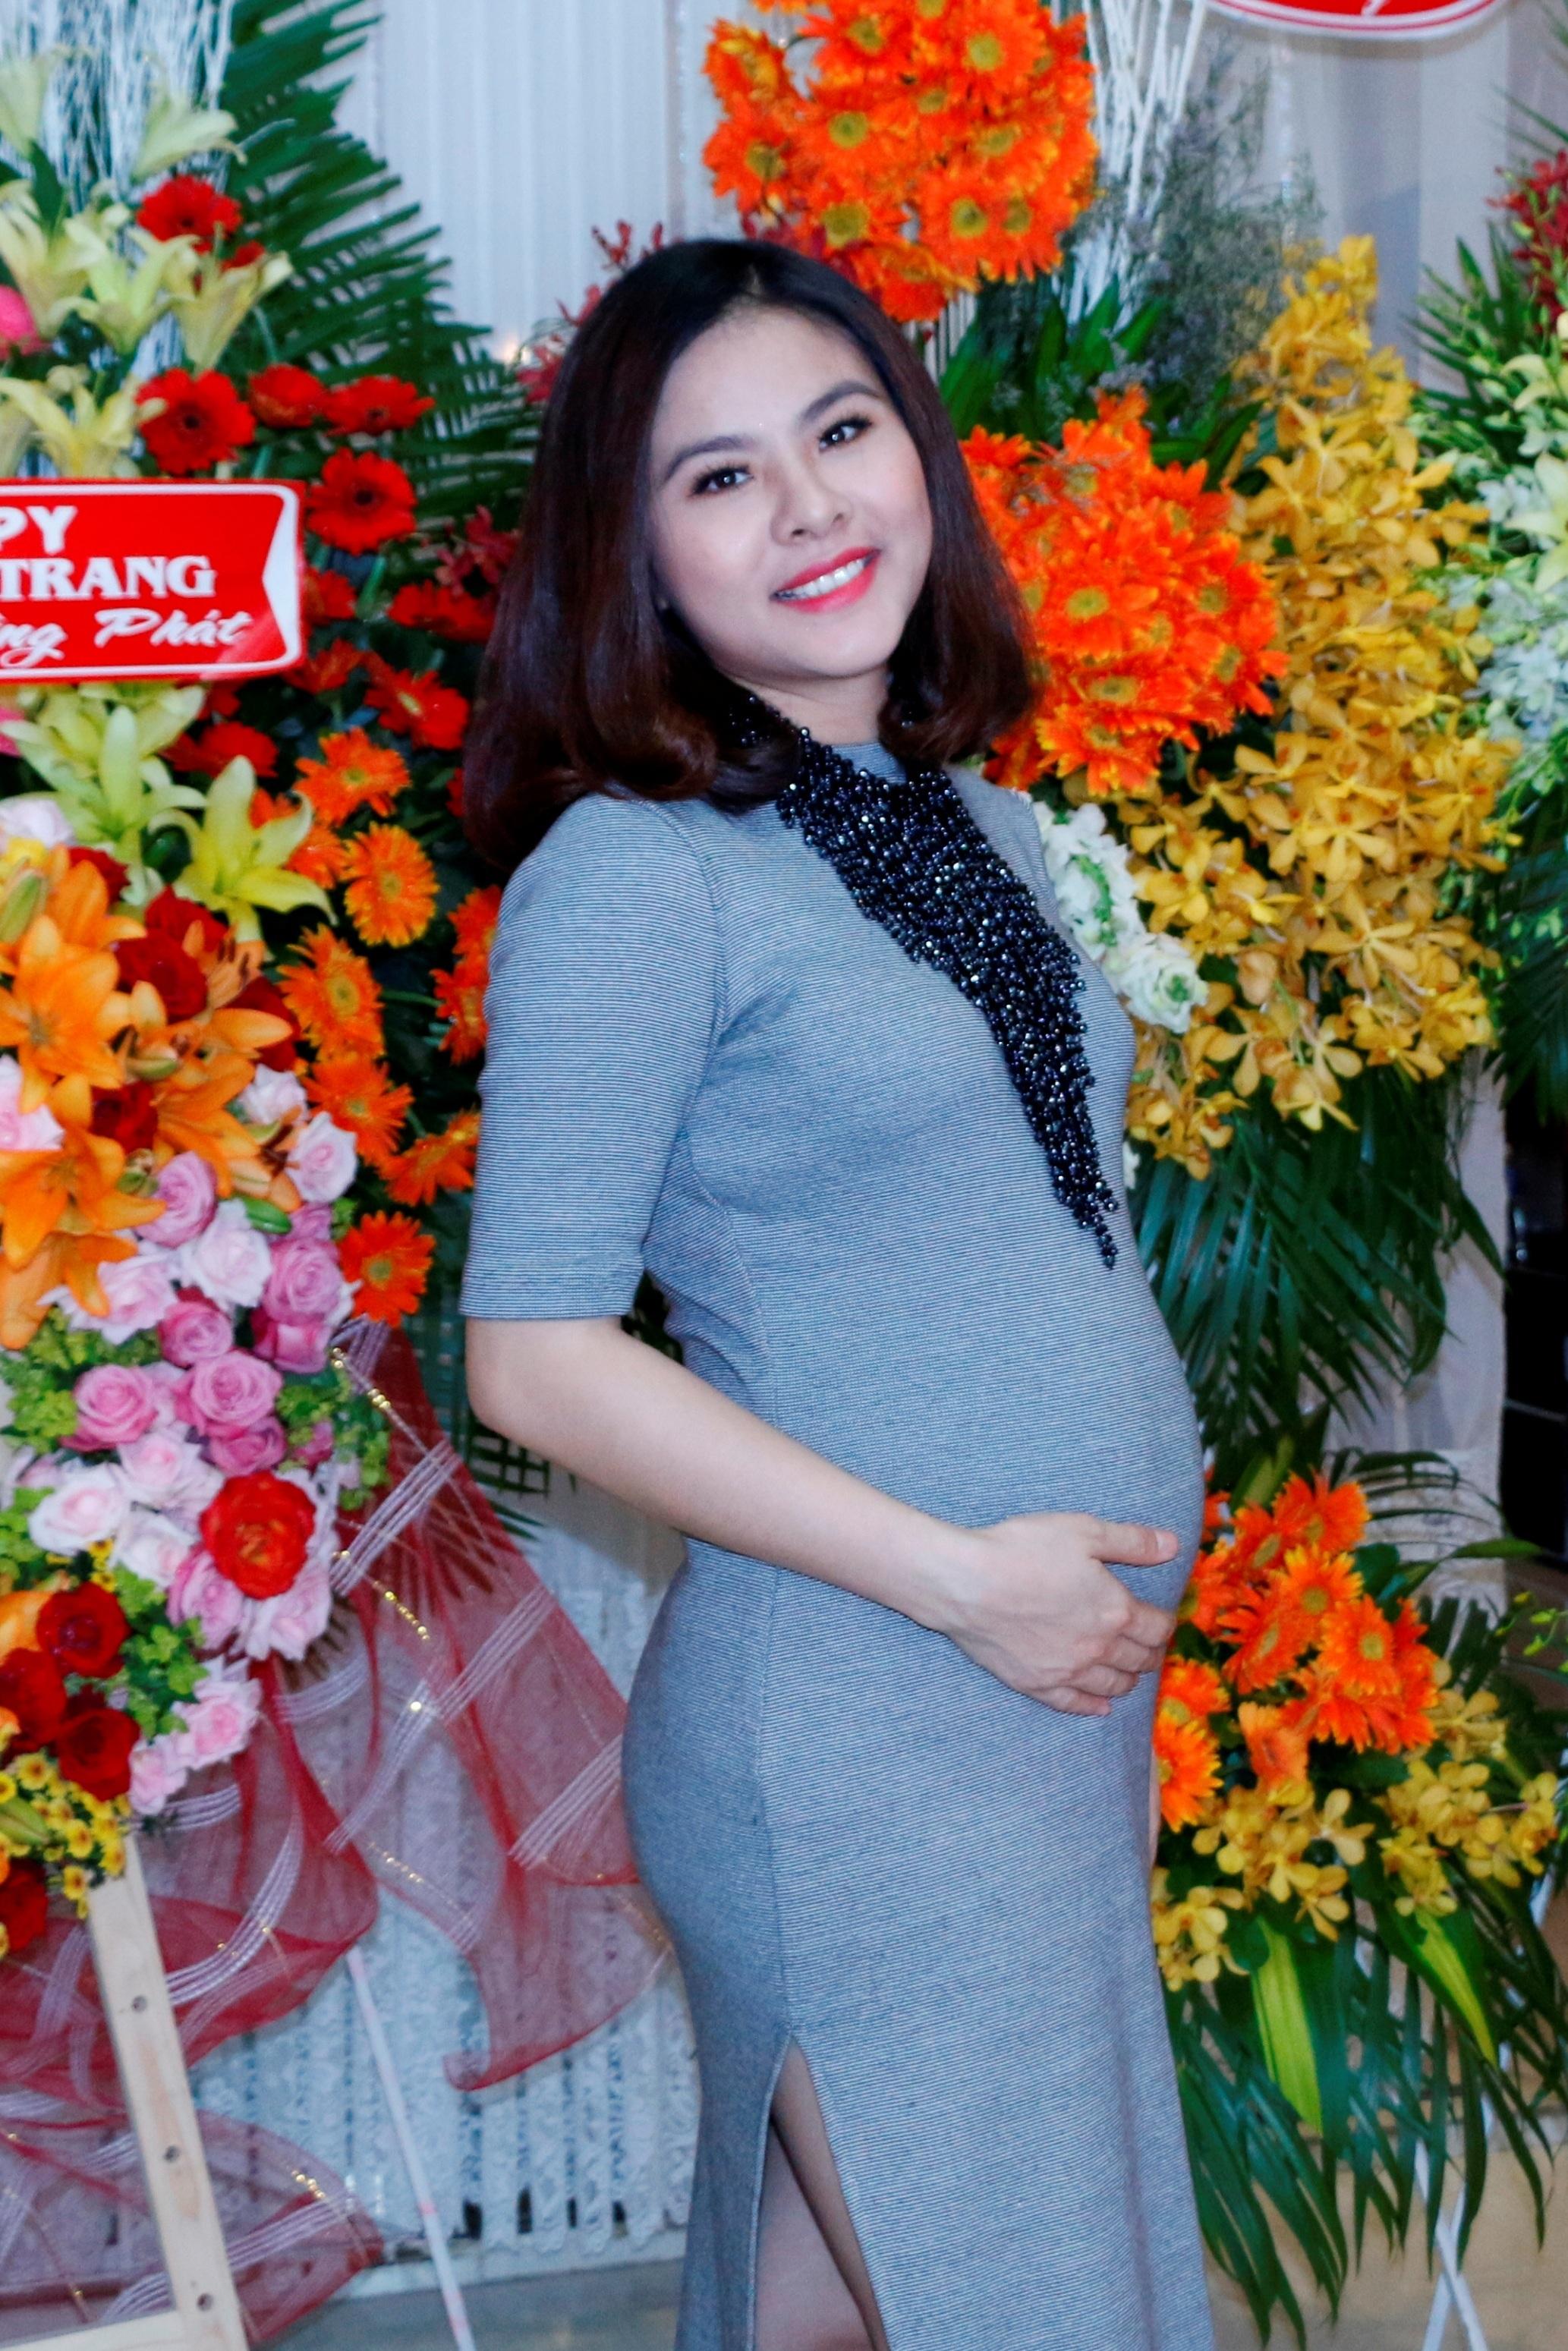 Vân Trang lần đầu lộ diện với bụng bầu 5 tháng cũng đã khá to